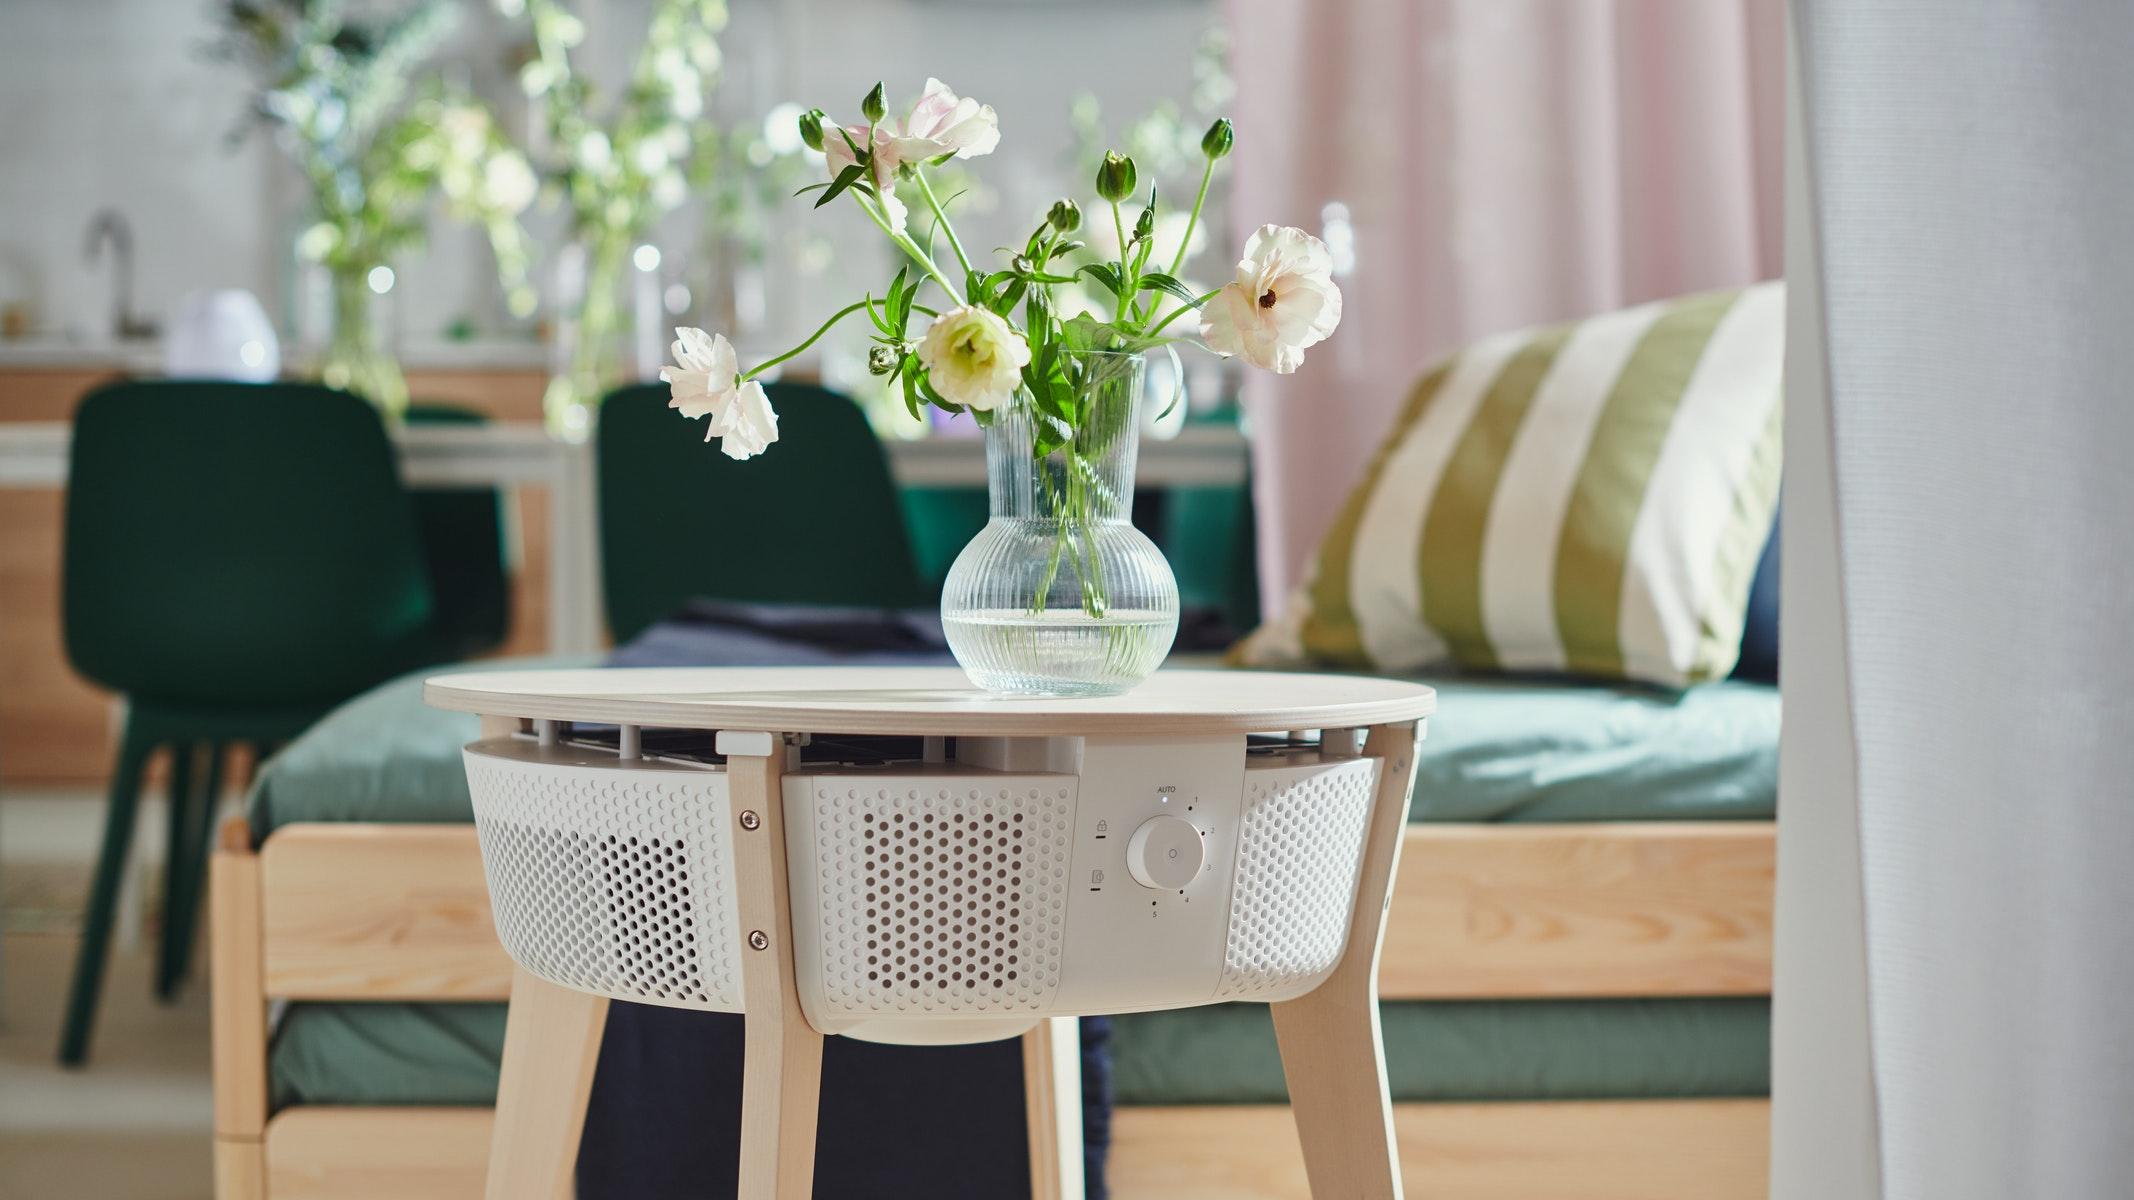 IKEA oferă soluții de purificare a aerului din interior pentru a îmbunătăți calitatea acestuia